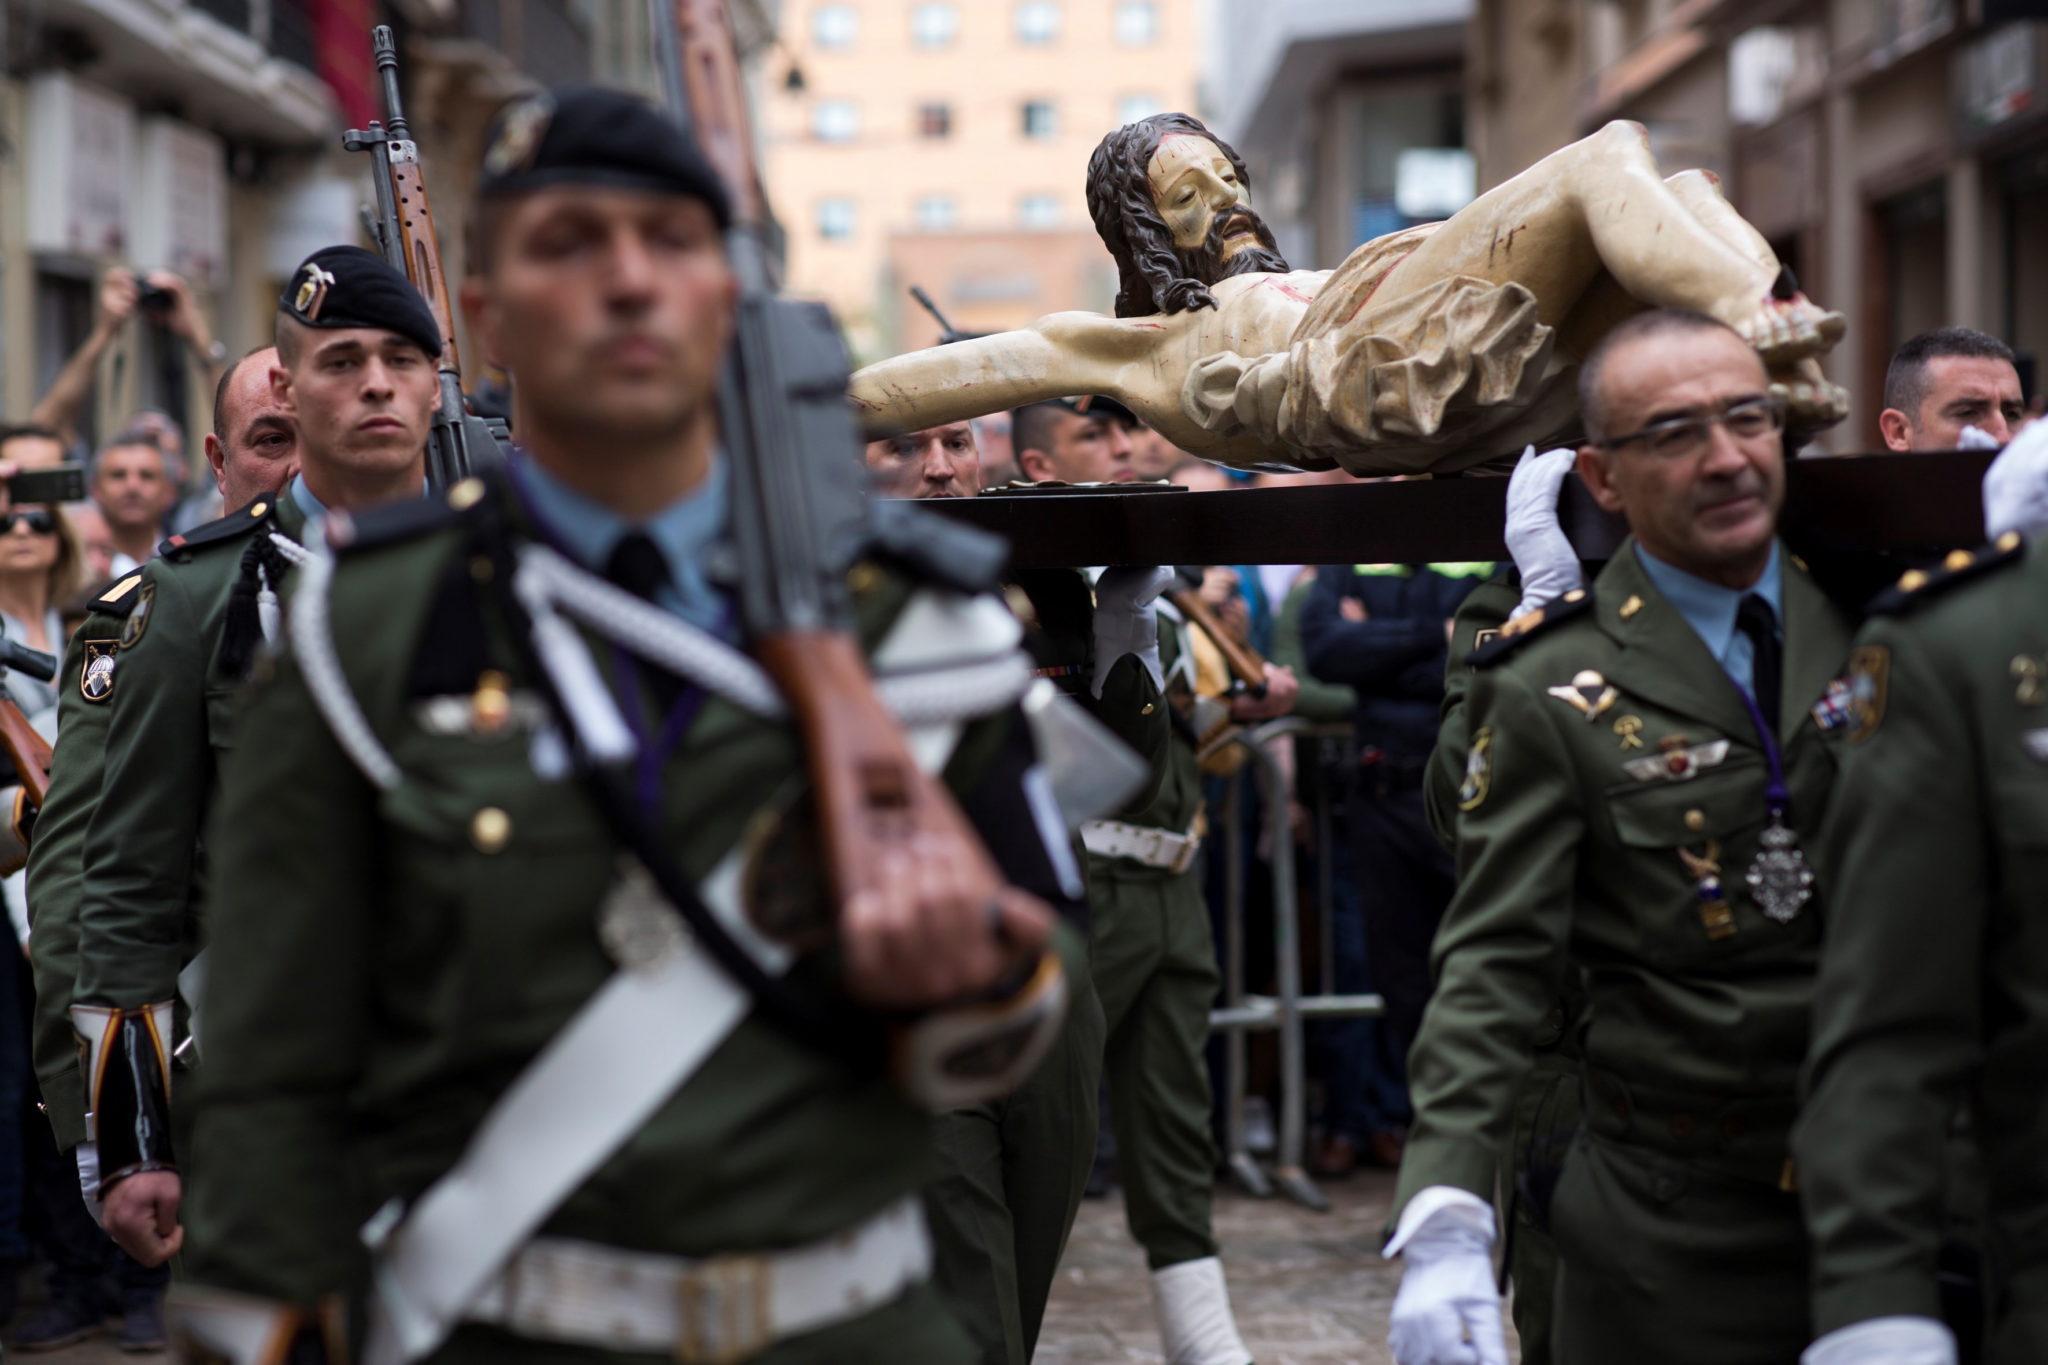 Malaga: Brygada Spadochroniarzy Sił Zbrojnych Hiszpanii, fot. Carlos Diaz, PAP/EPA